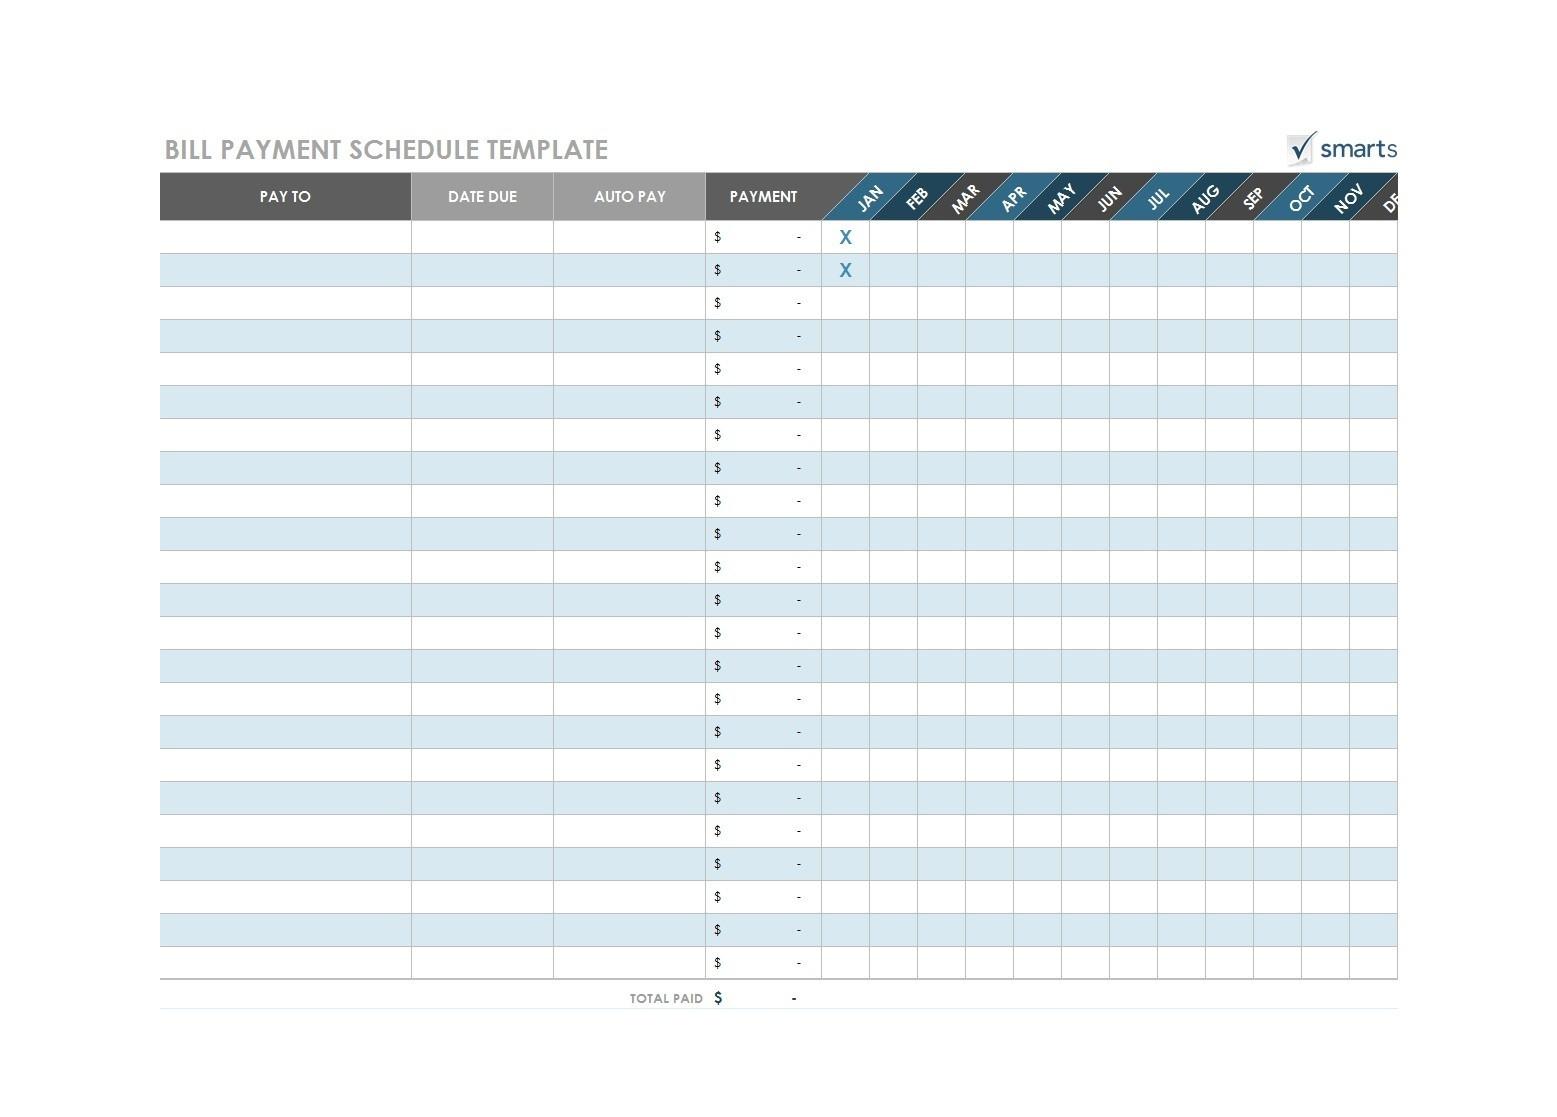 Blank Calendar To List Bills Due | Calendar Template Printable  Pay Bills Calendar